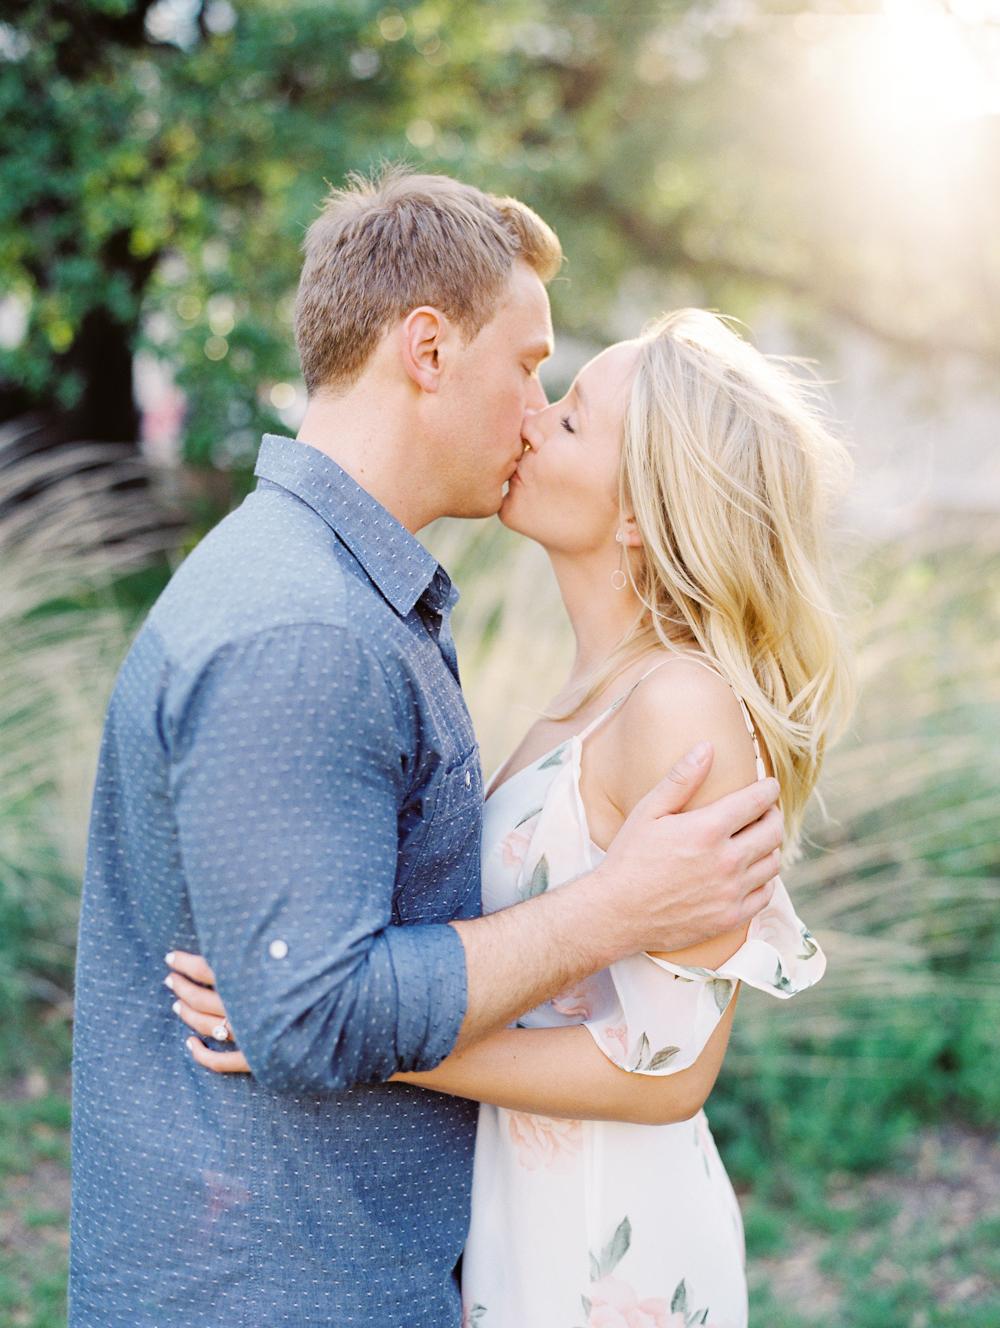 Best-Austin-Denver-California-Wedding-Photographers-fine-art-film-Engagement-Session-70.jpg